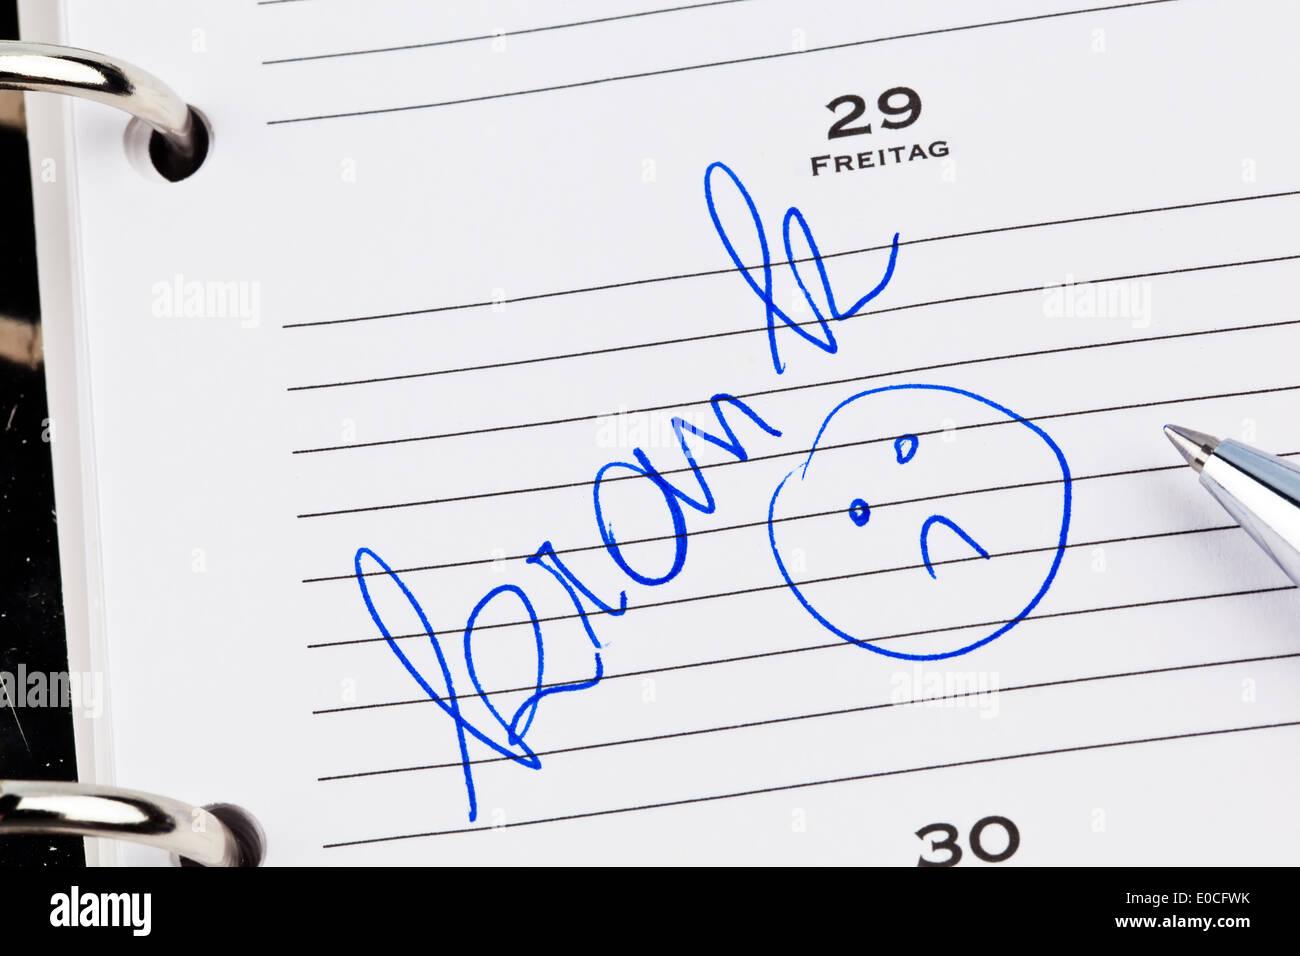 An appointment is put down in a calendar: Ill, Ein Termin ist in einem Kalender eingetragen: Krank Stock Photo